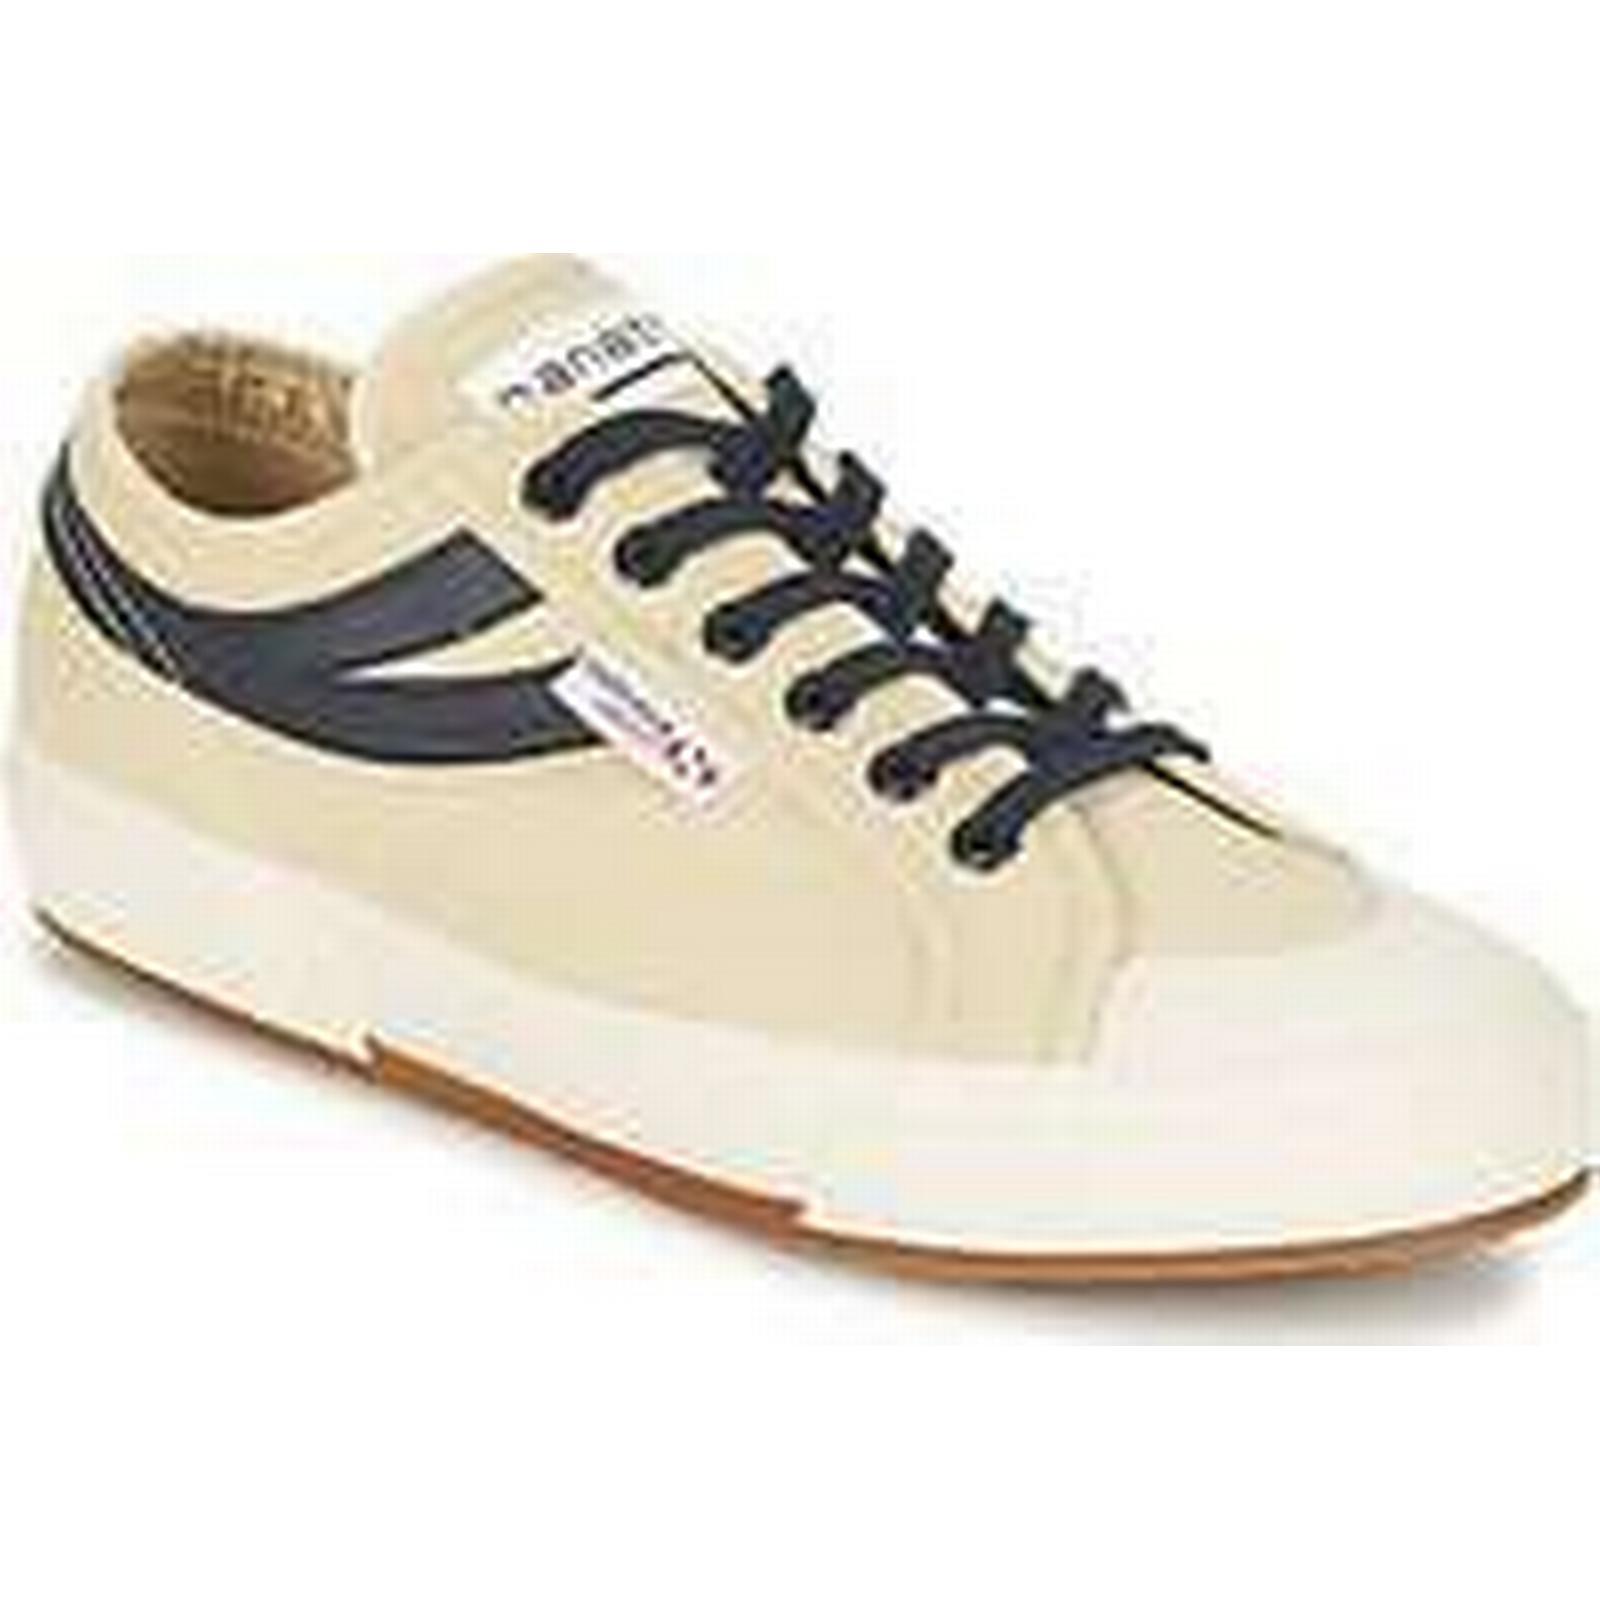 Spartoo.co.uk men's Superga 2750 COTU PANATTA men's Spartoo.co.uk Shoes (Trainers) in Beige f7d1c4